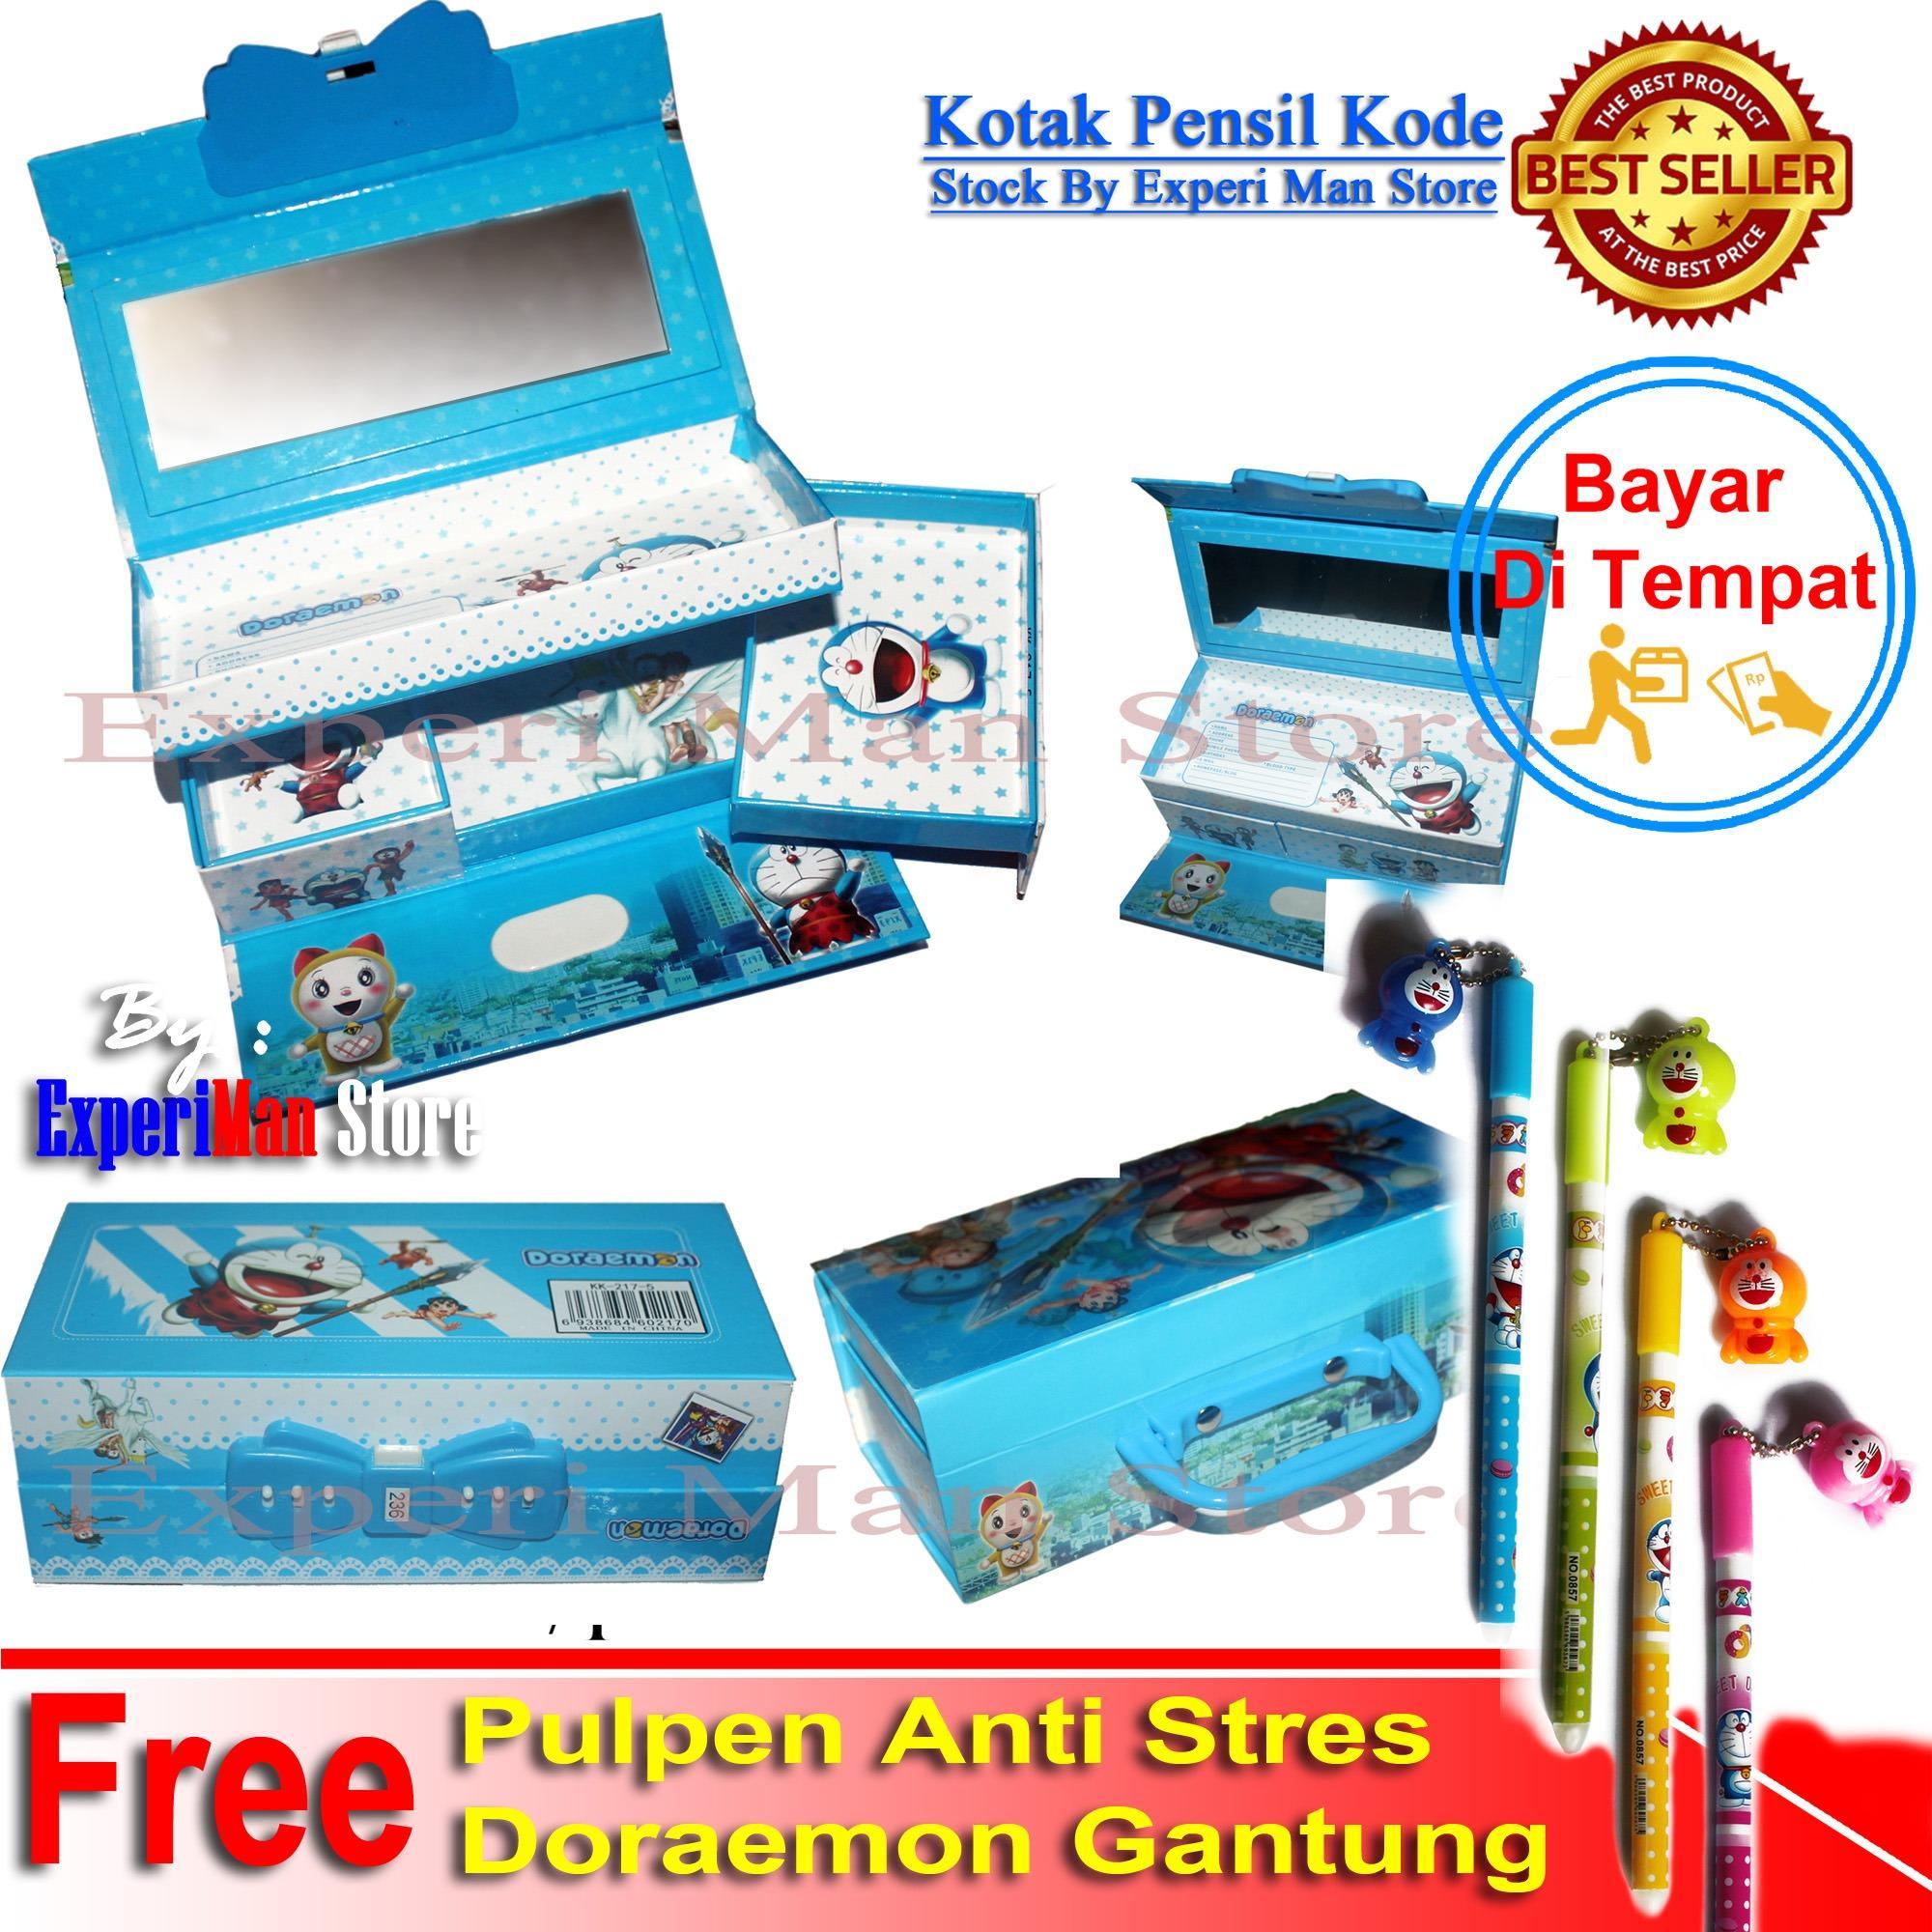 Kotak Pensil Kode Model Doraemon Free Pulpen Doraemon Gantungan anti stres - ExperiMan Store